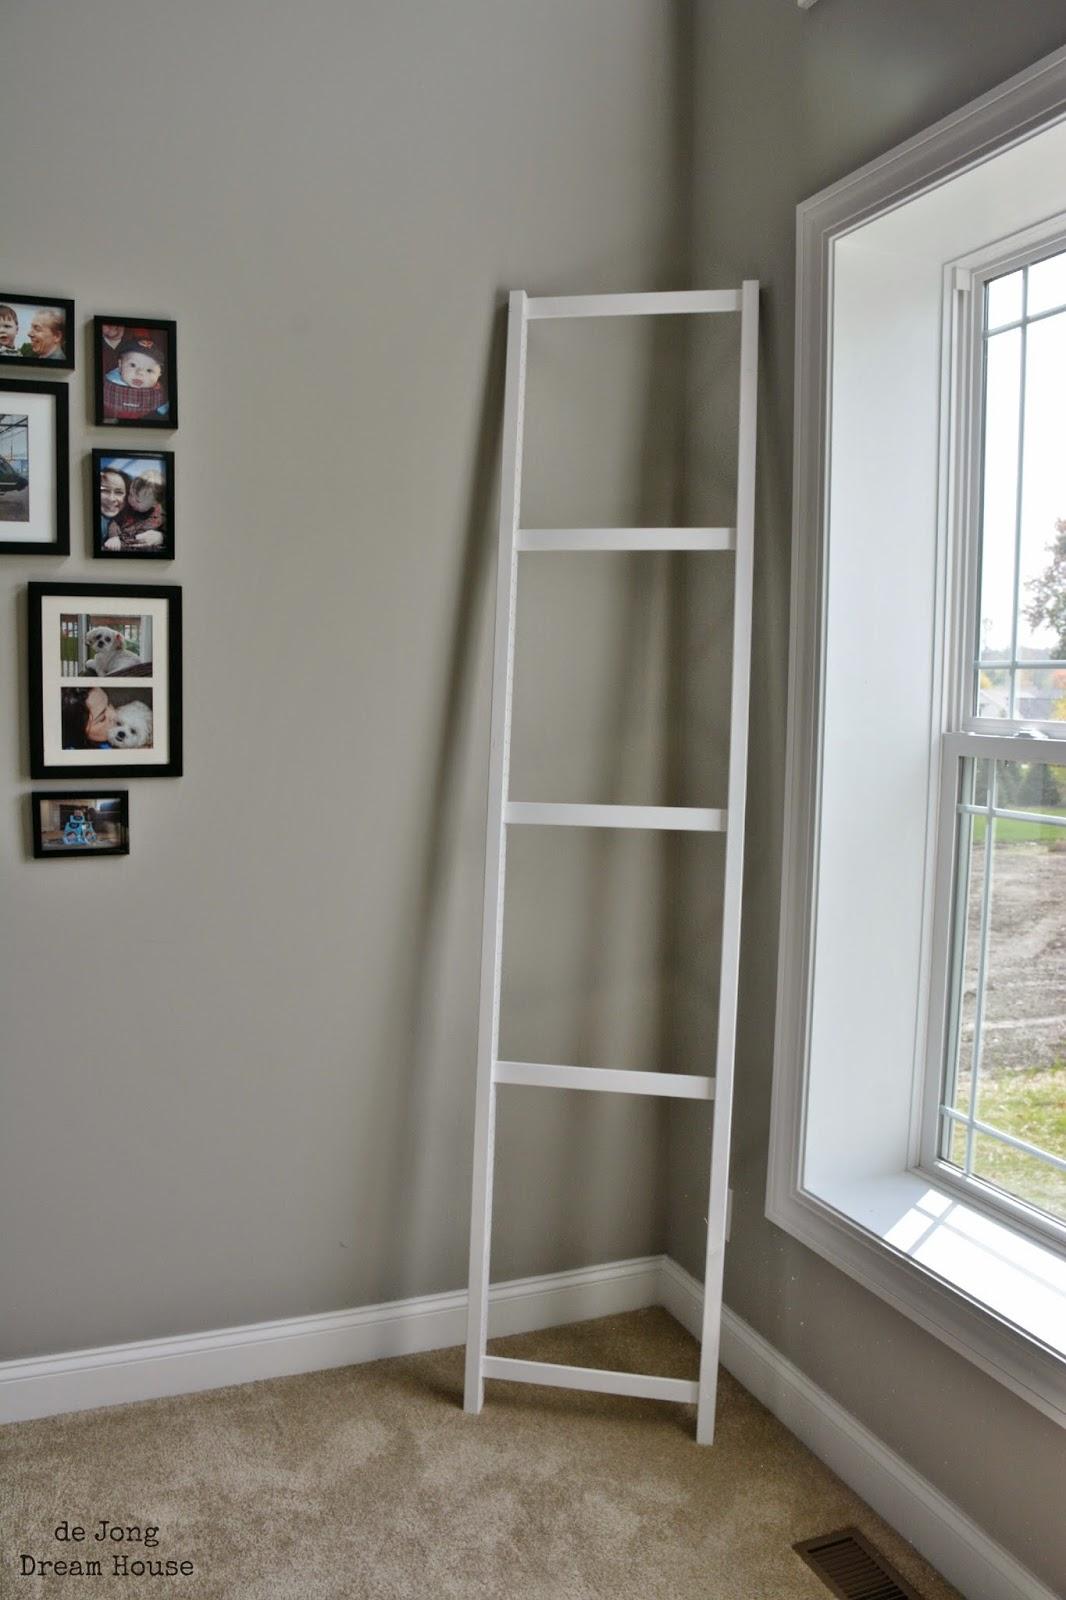 De Jong Dream House Ikea Quilt Ladder